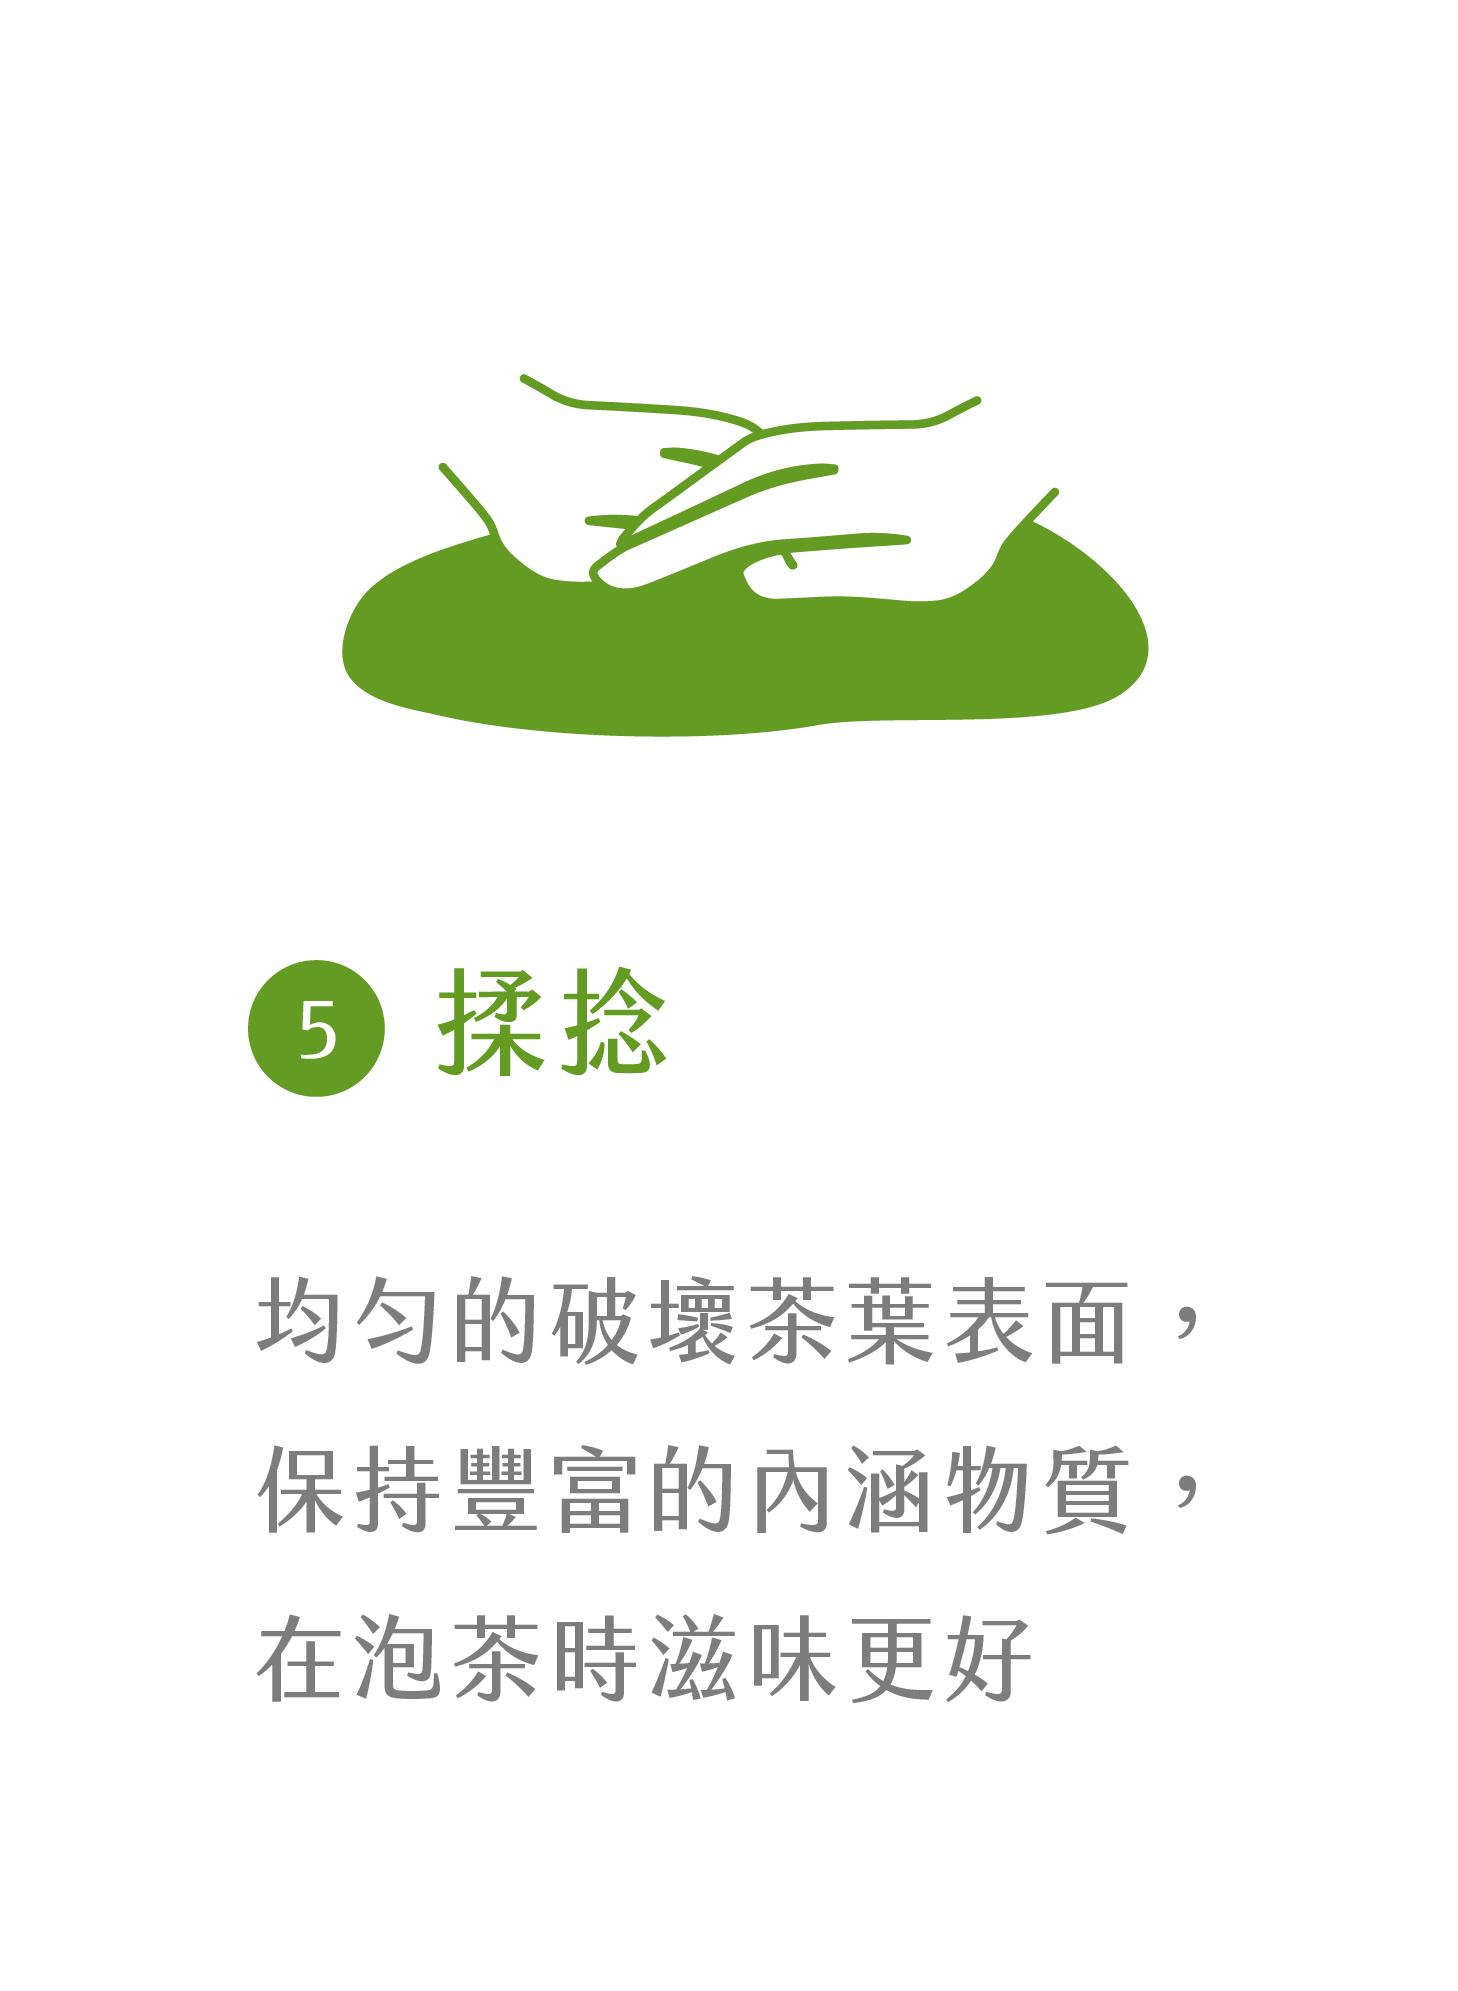 晁鎮茶苑古樹茶雨林製作流程揉捻